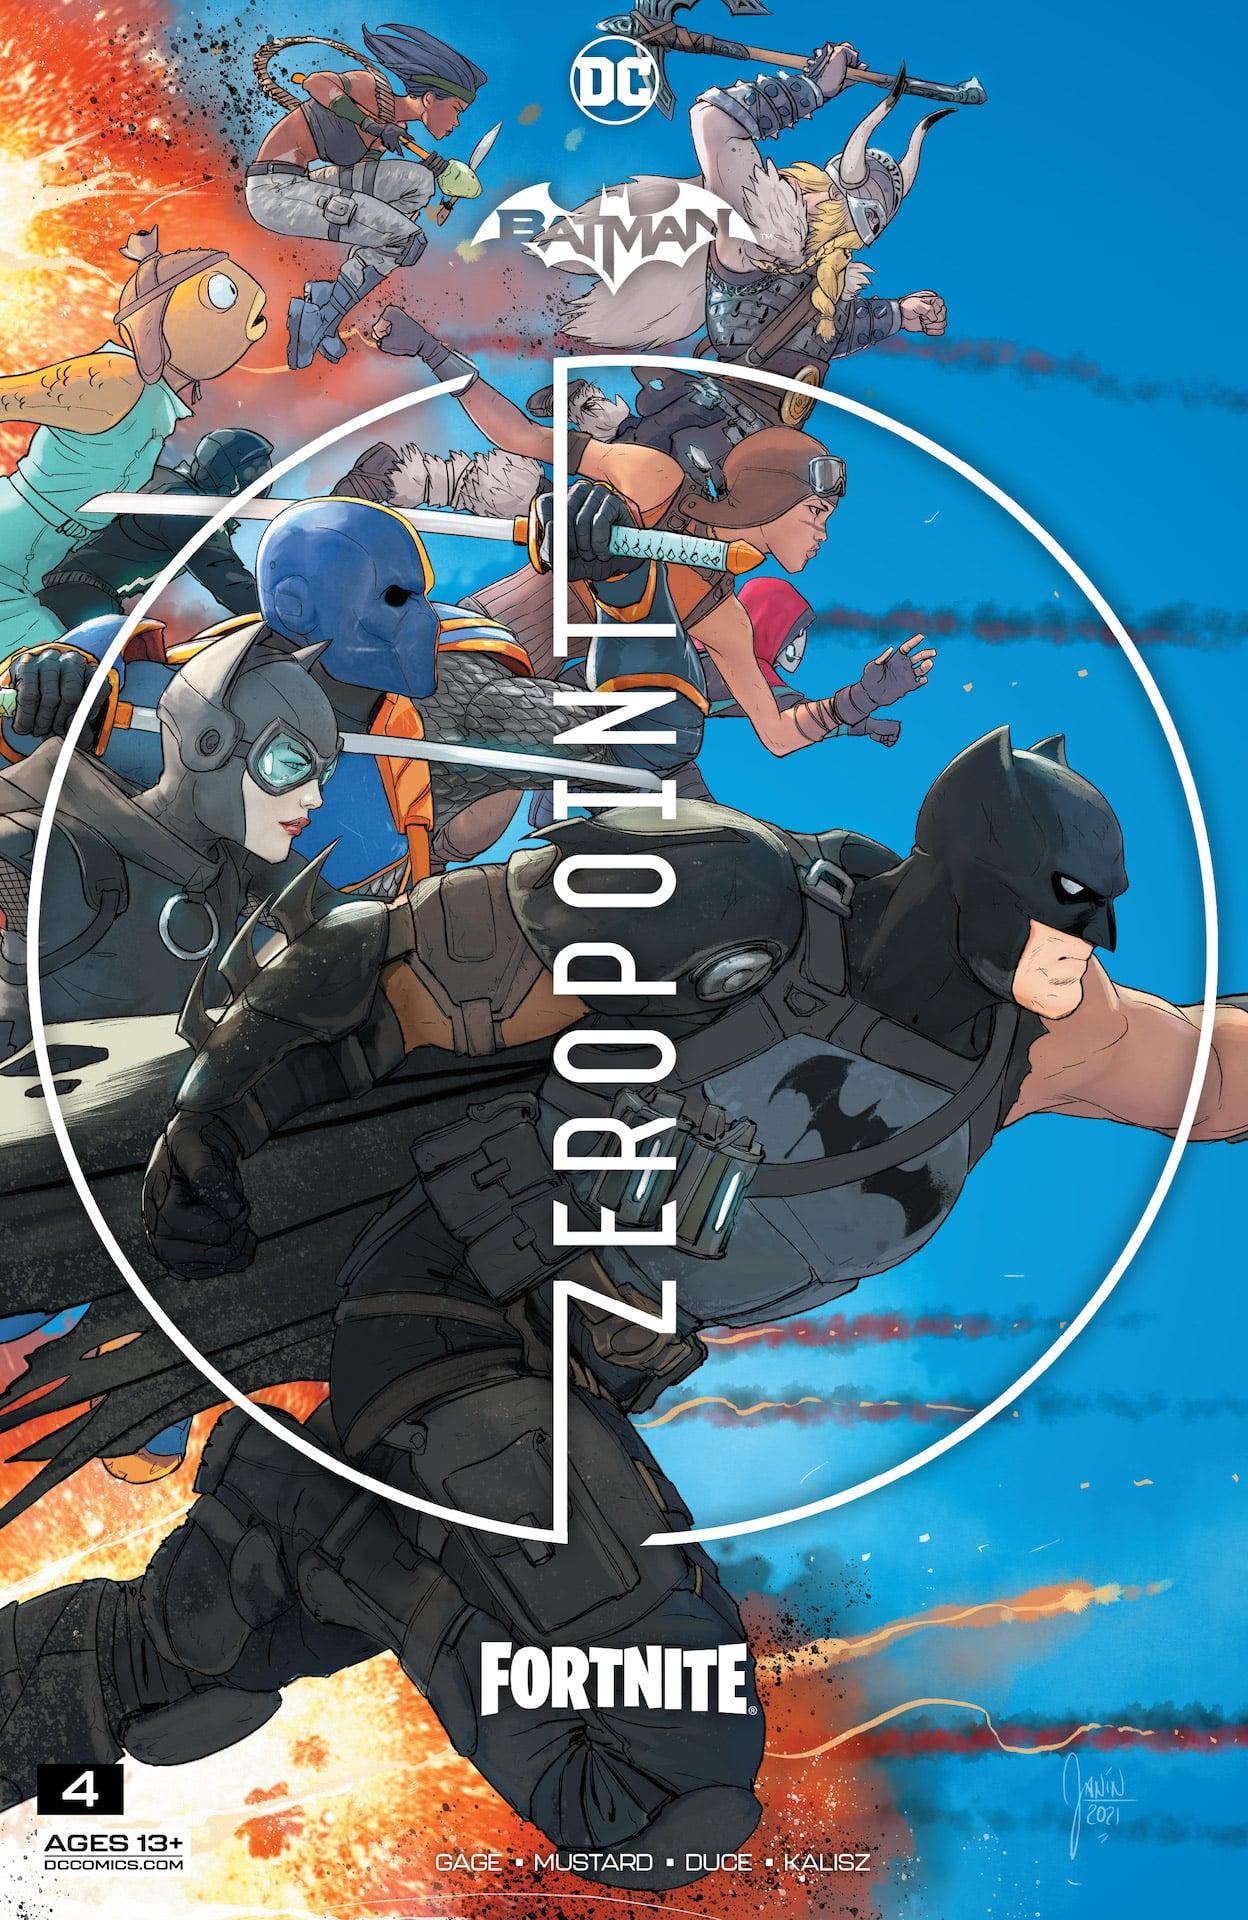 Batman-Fortnite-Zero-Point-4-1-min